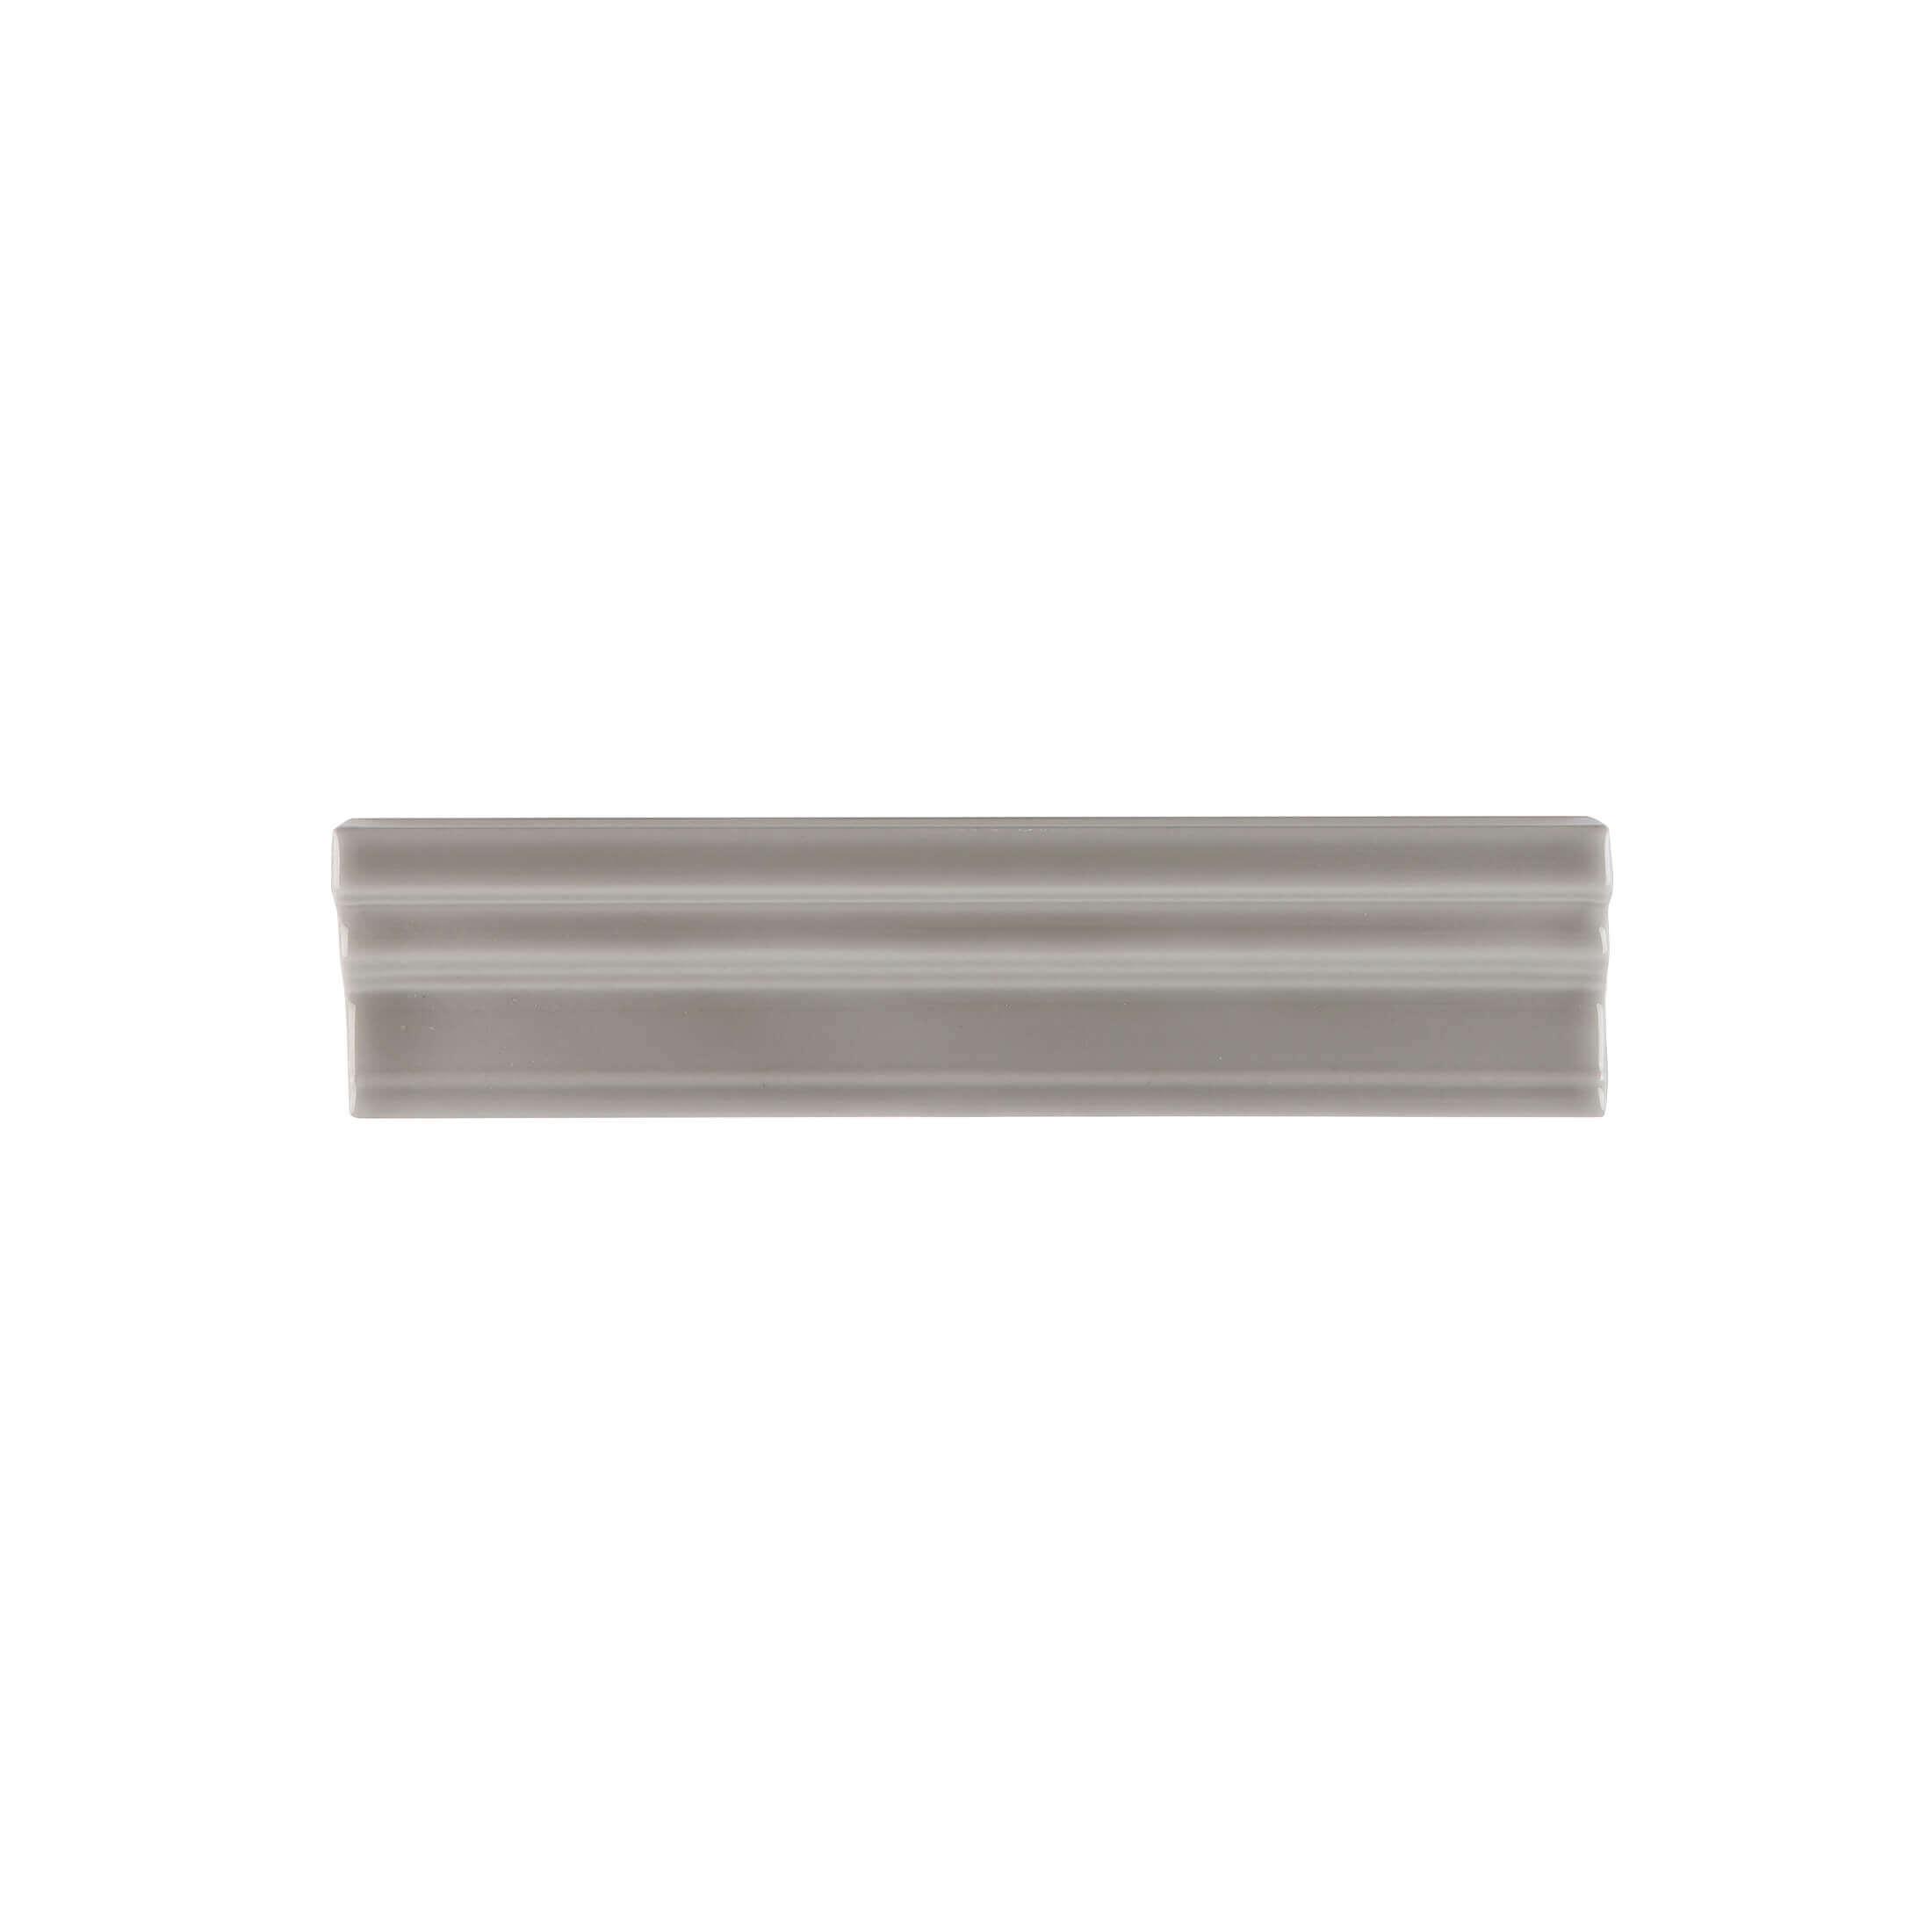 ADRI5053 - 5 cm X 20 cm